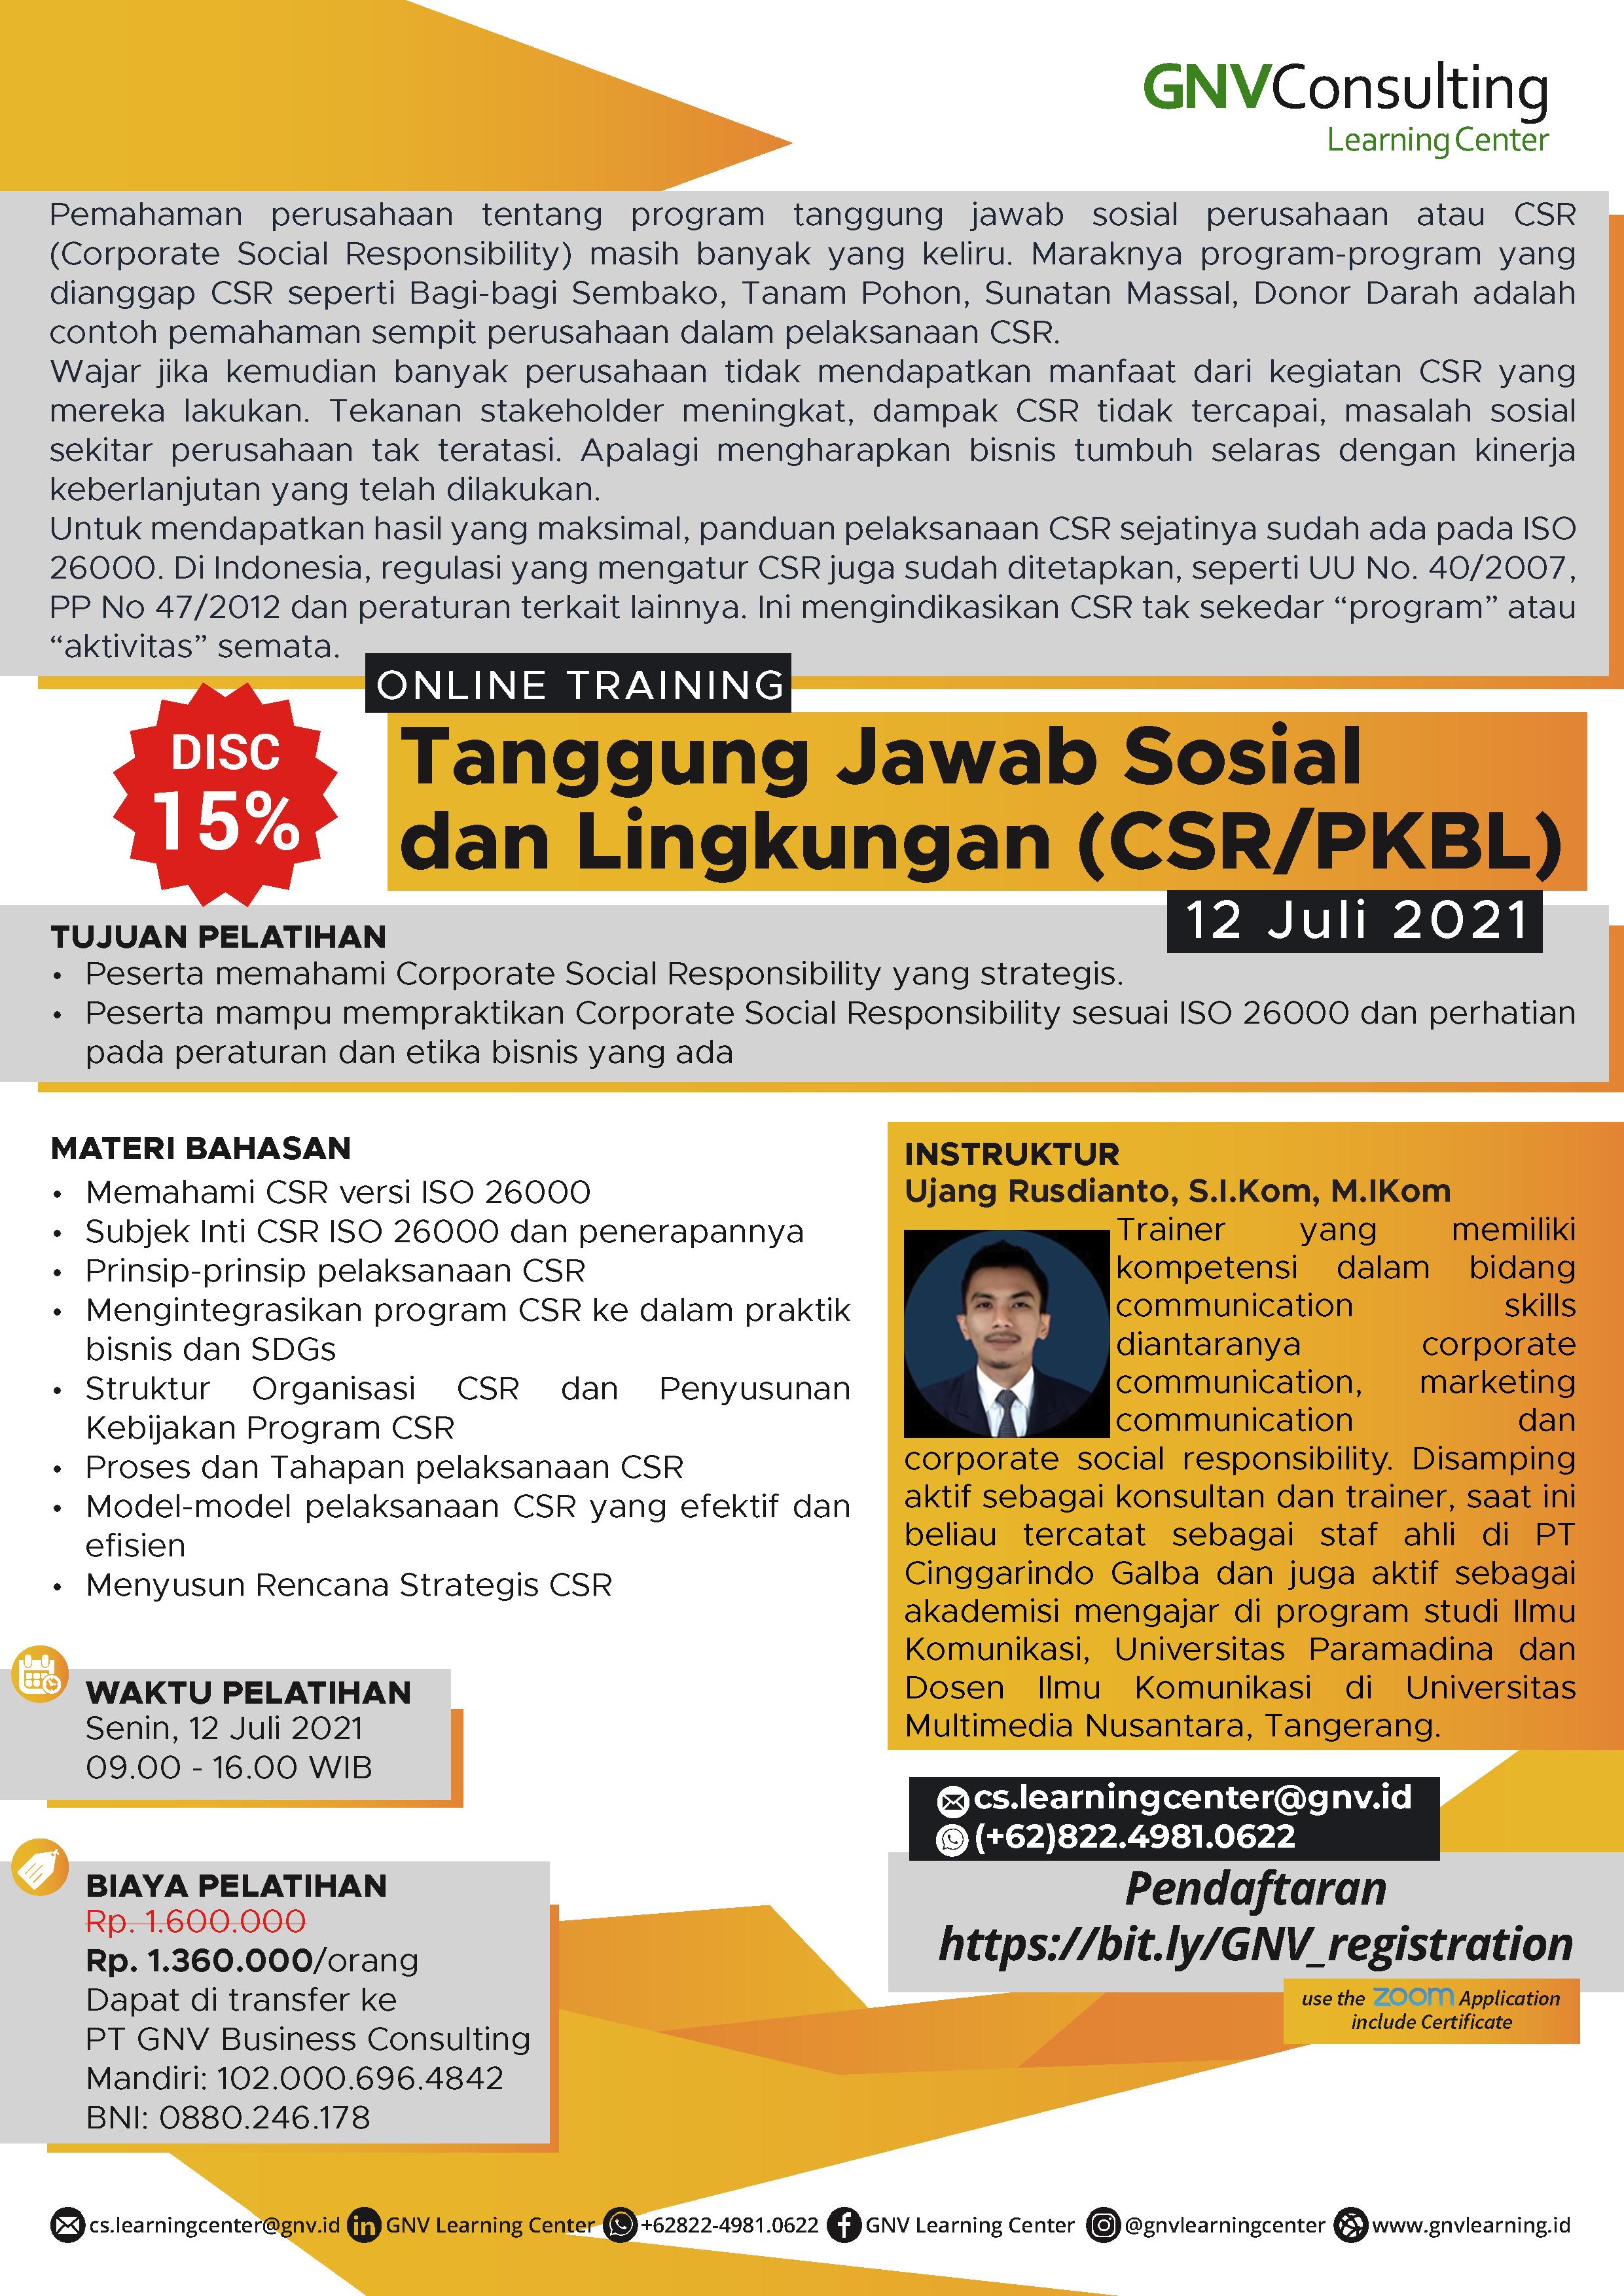 Tanggung Jawab Sosial  dan Lingkungan (CSR/PKBL) – Online Training